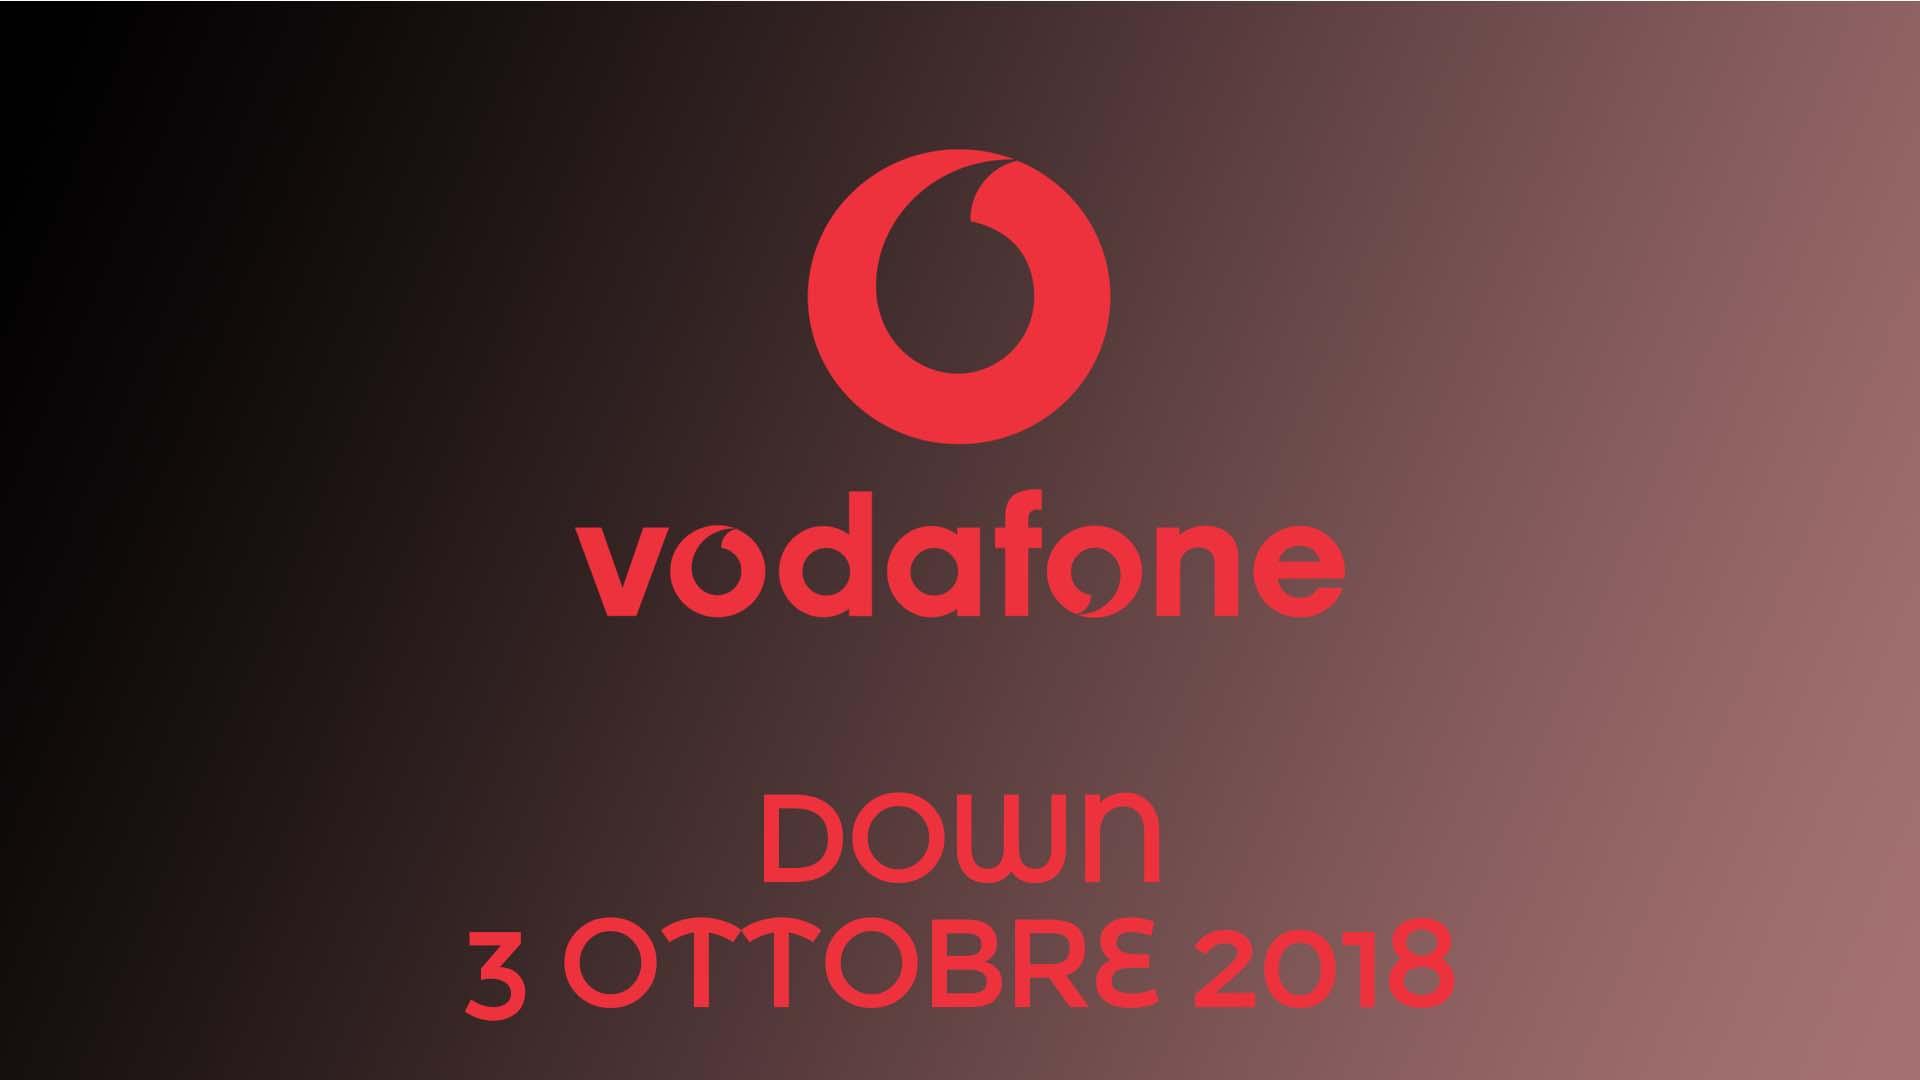 vodafone down 3 ottobre